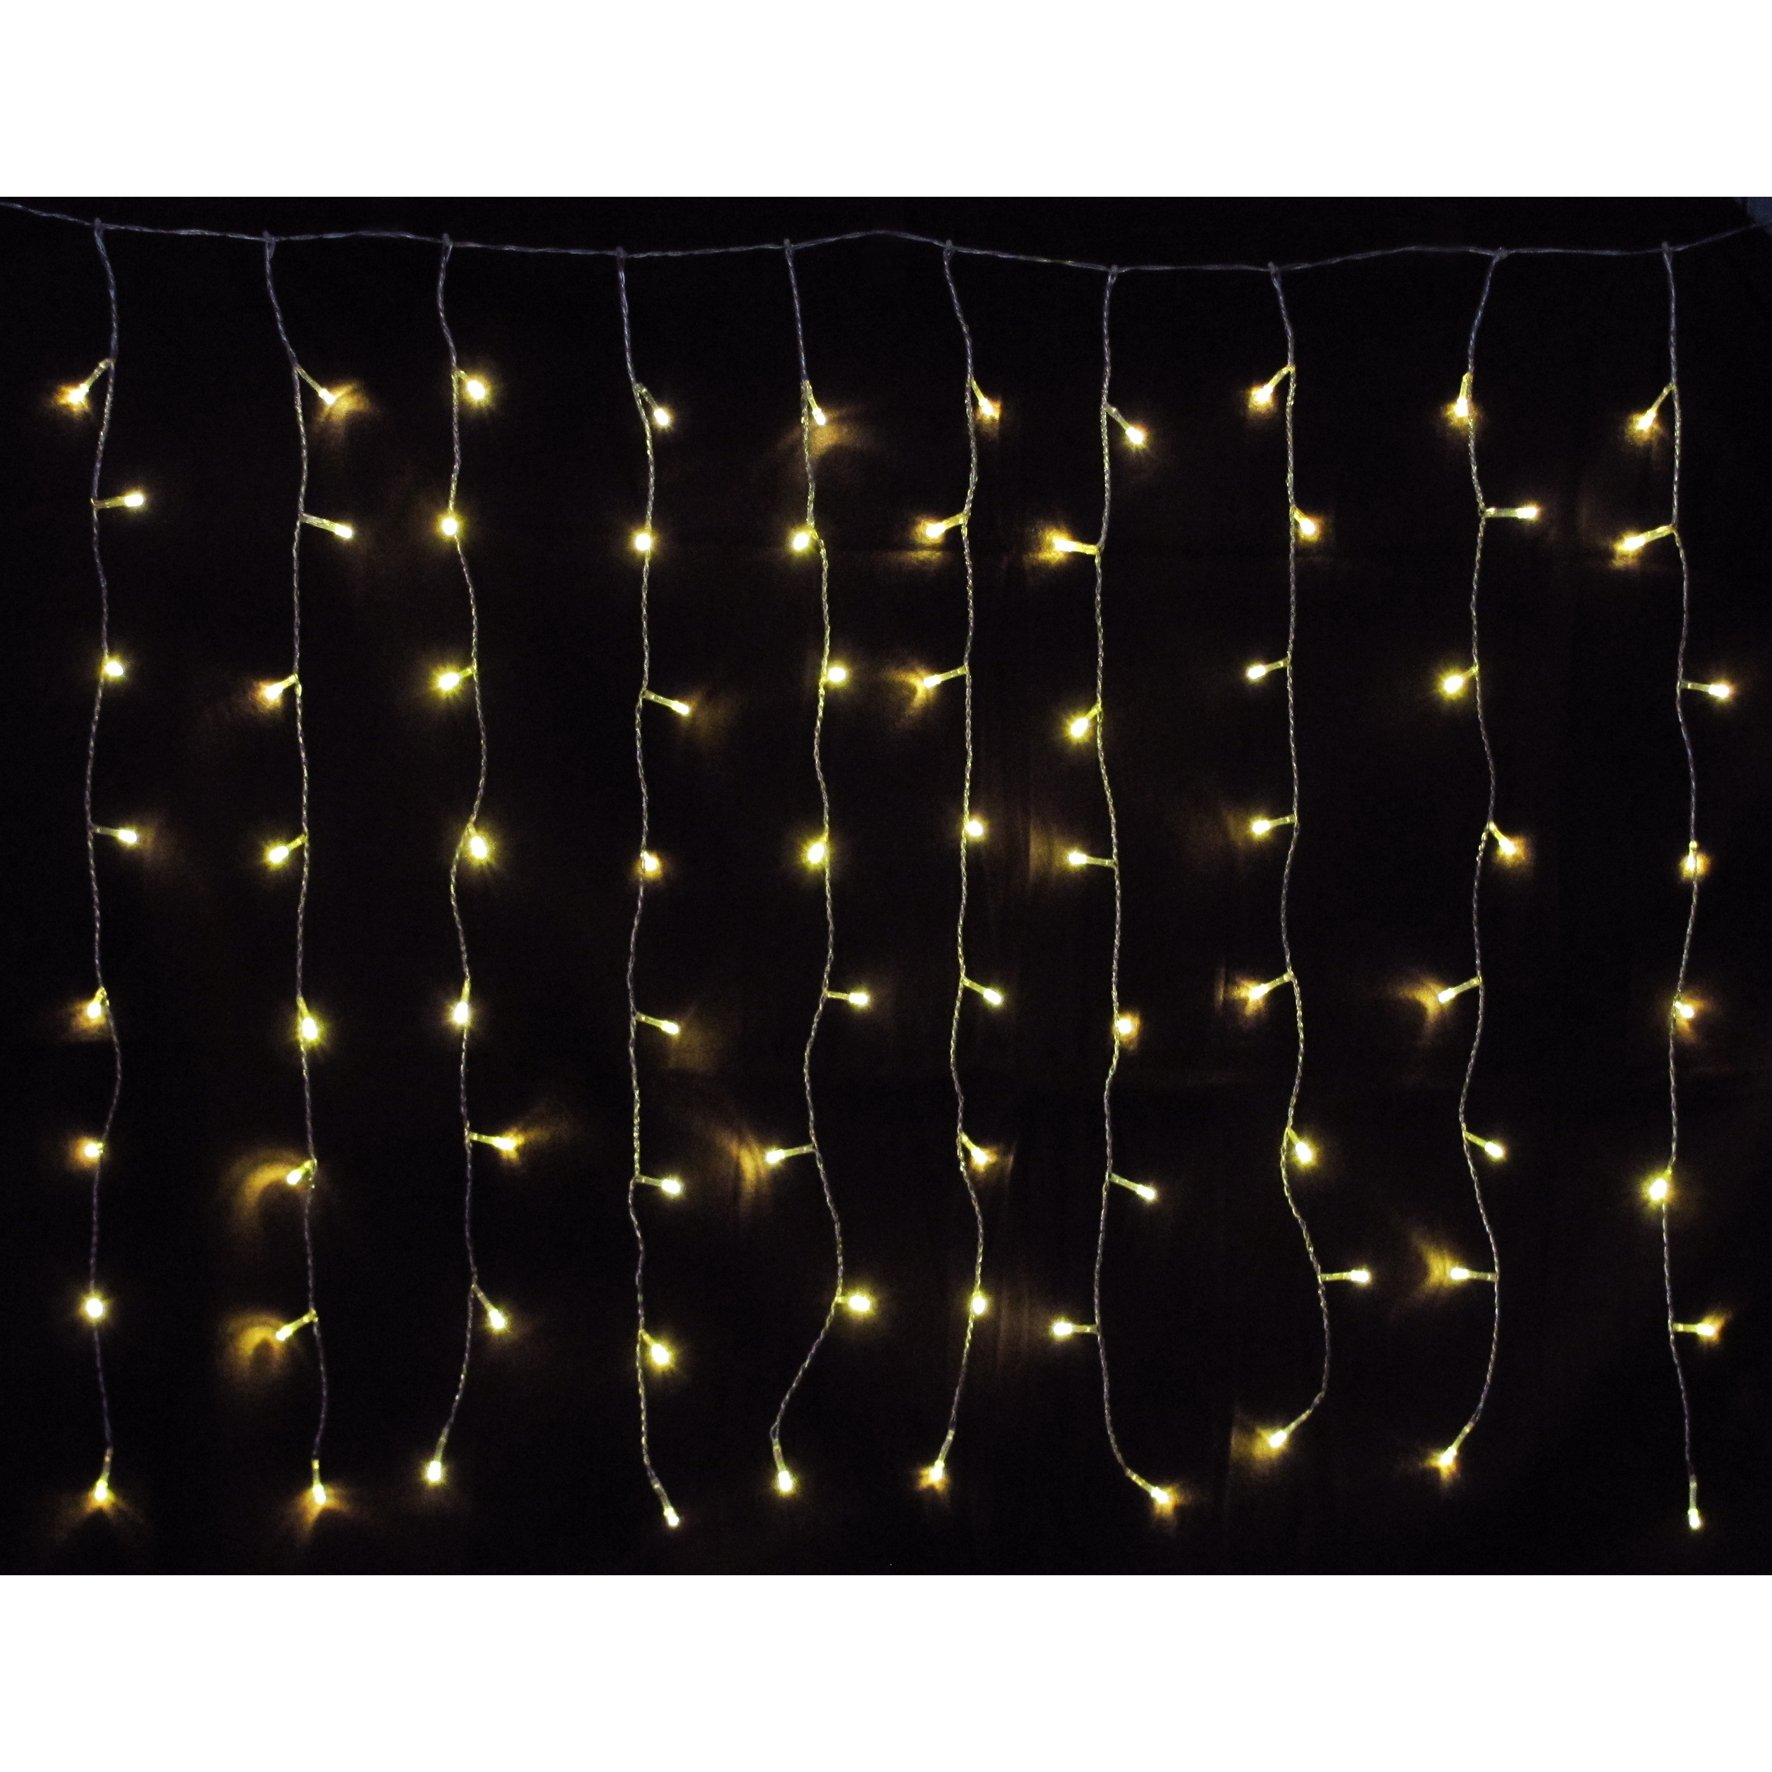 160-er-LED-Lichtervorhang-Auen-Innen-Warmwei-Lichterkette